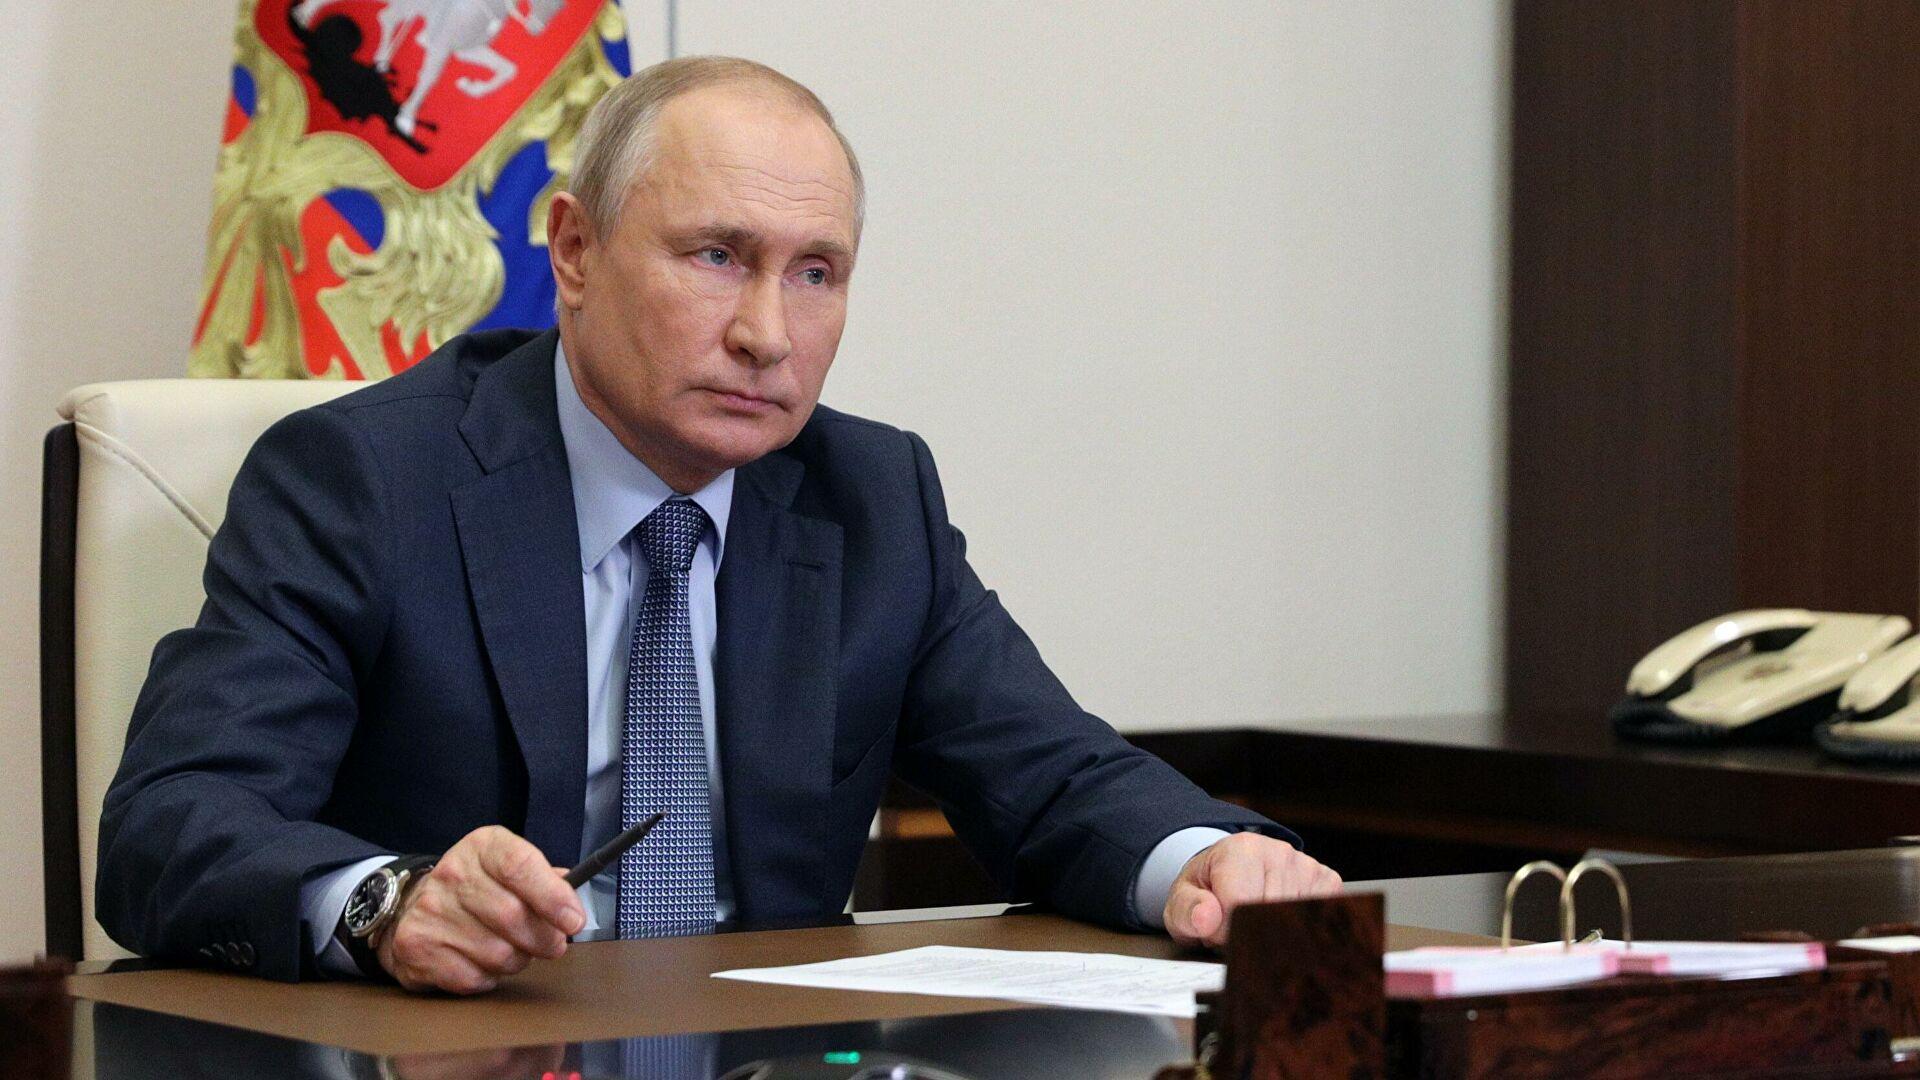 Путин заявил, что преследование Медведчука незаконное и неконституционное